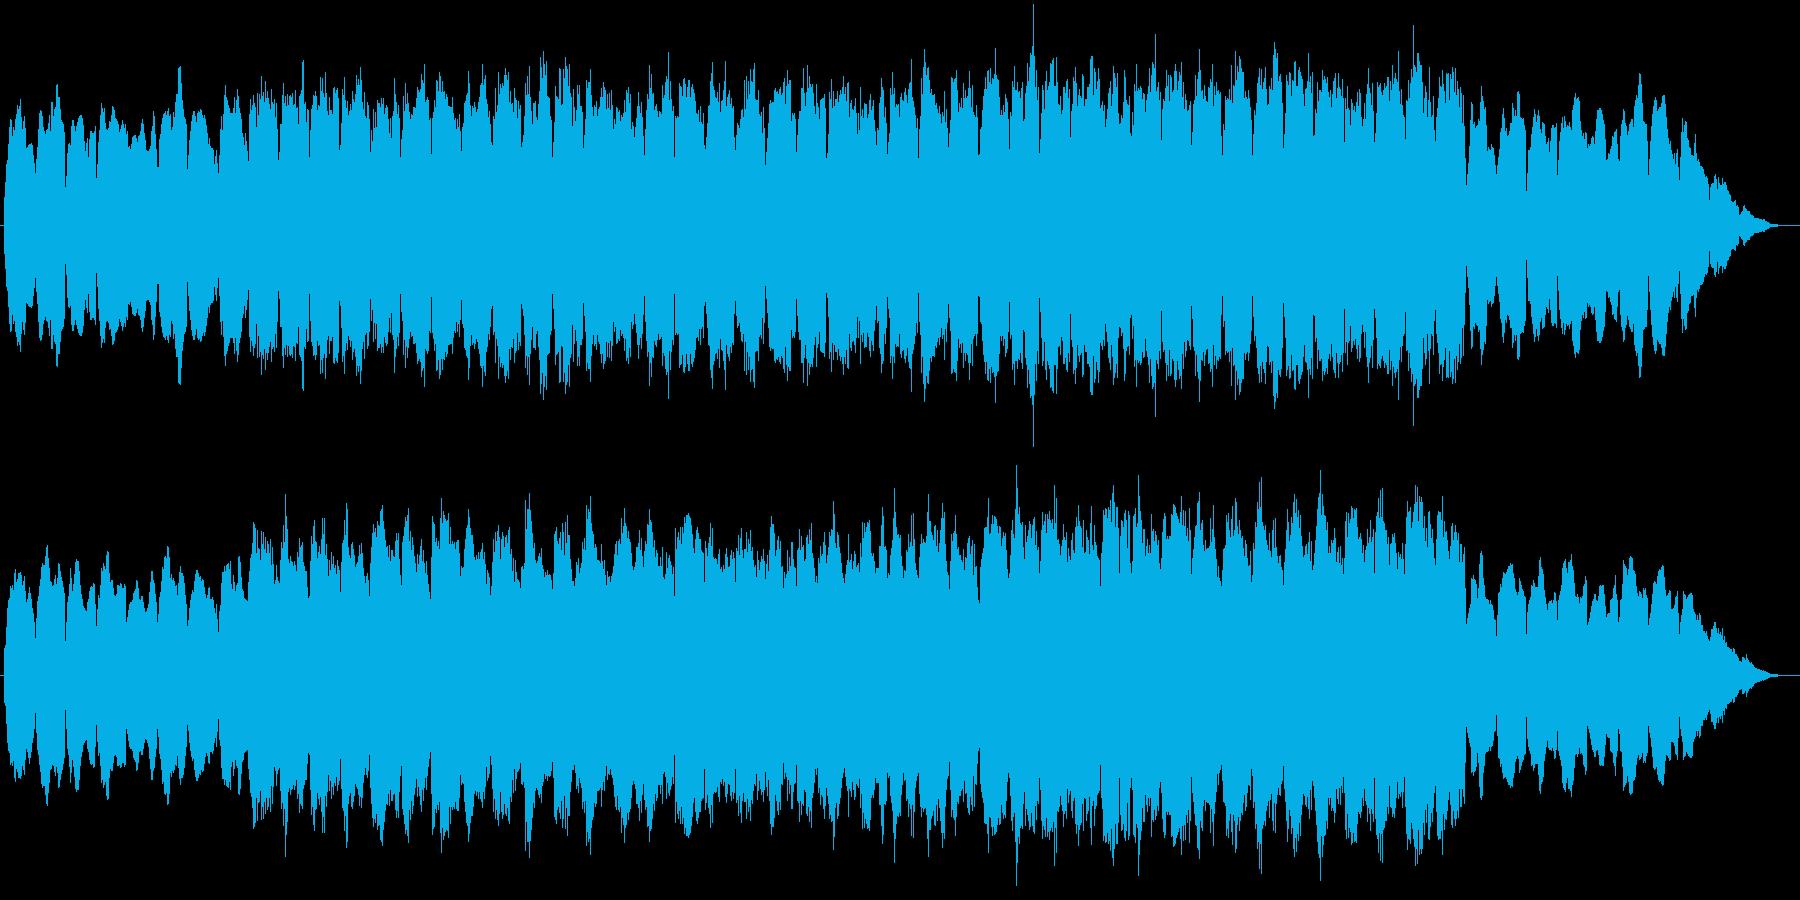 静かな海辺を表現した落ち着きのあるBGMの再生済みの波形